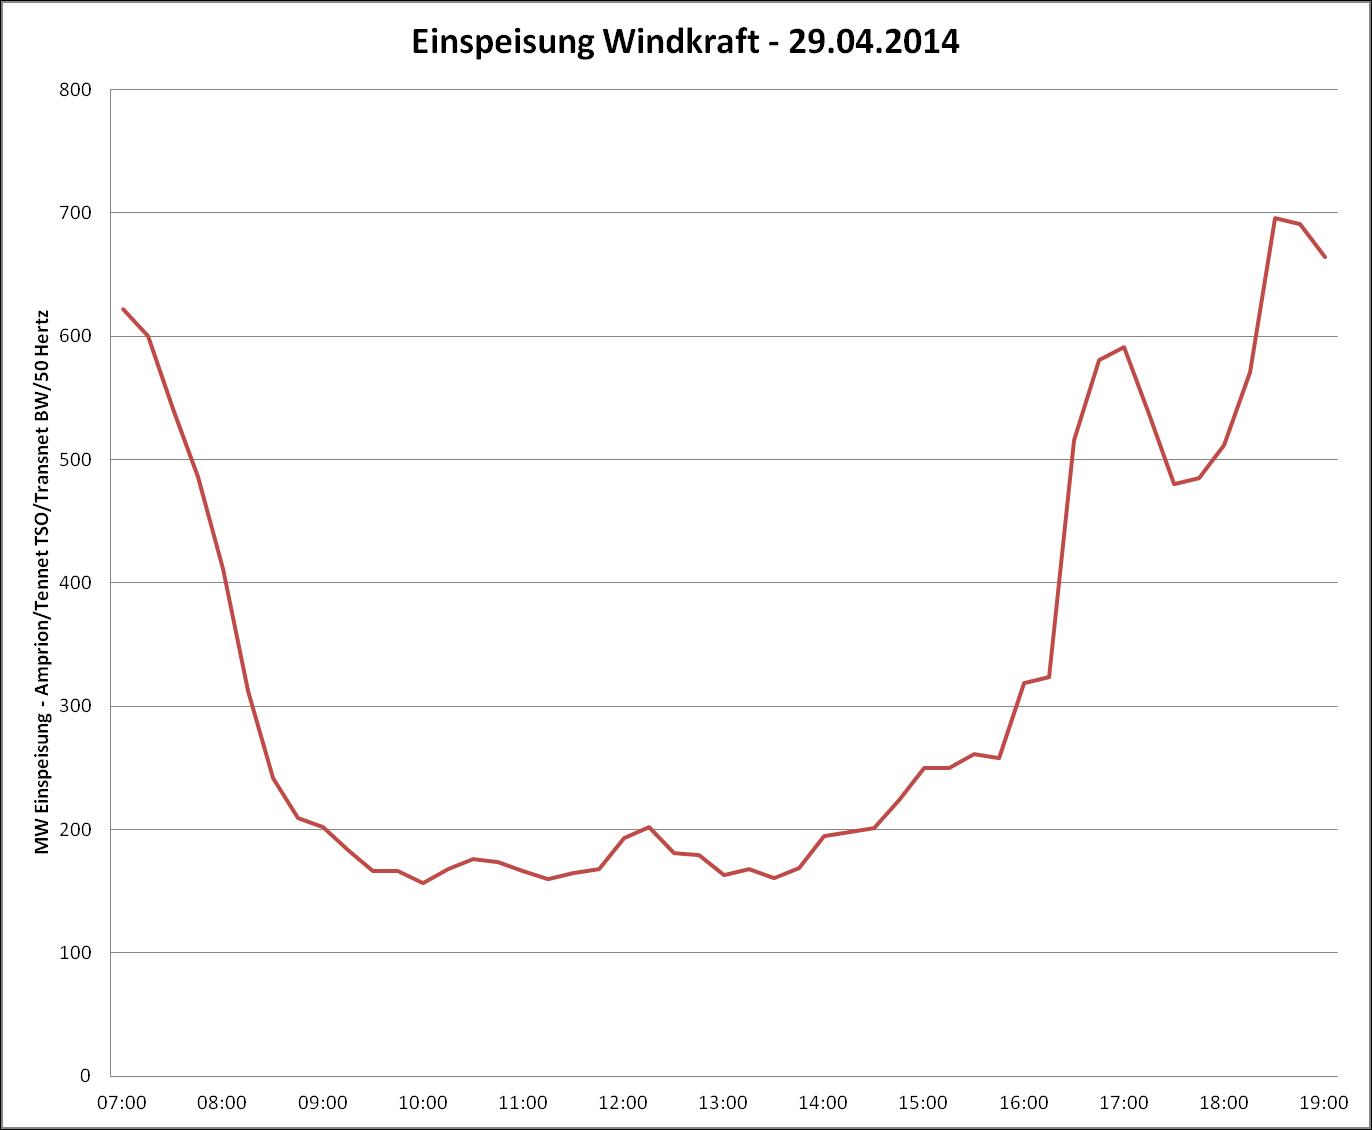 Windkraft: Niedrige Einspeisung am Flaute Dienstag